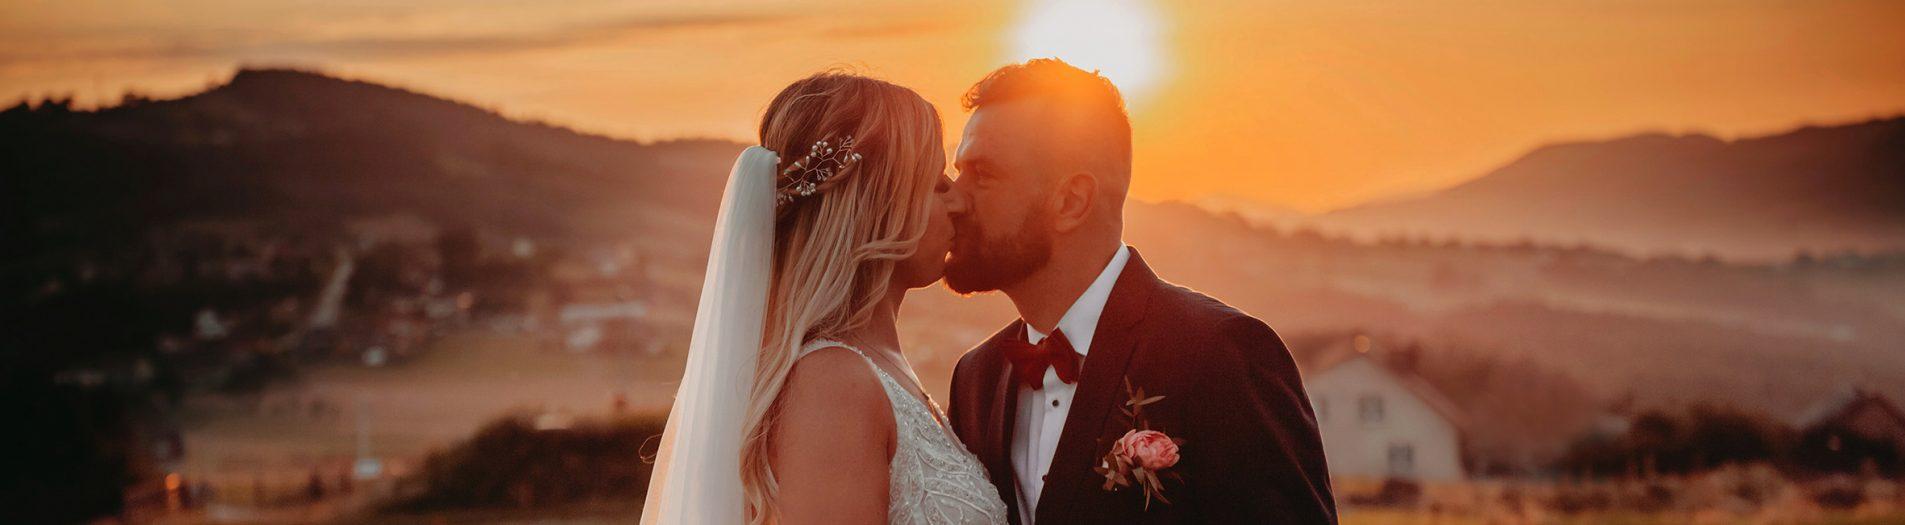 Aneta&Marcin Nowy Sącz 2020r